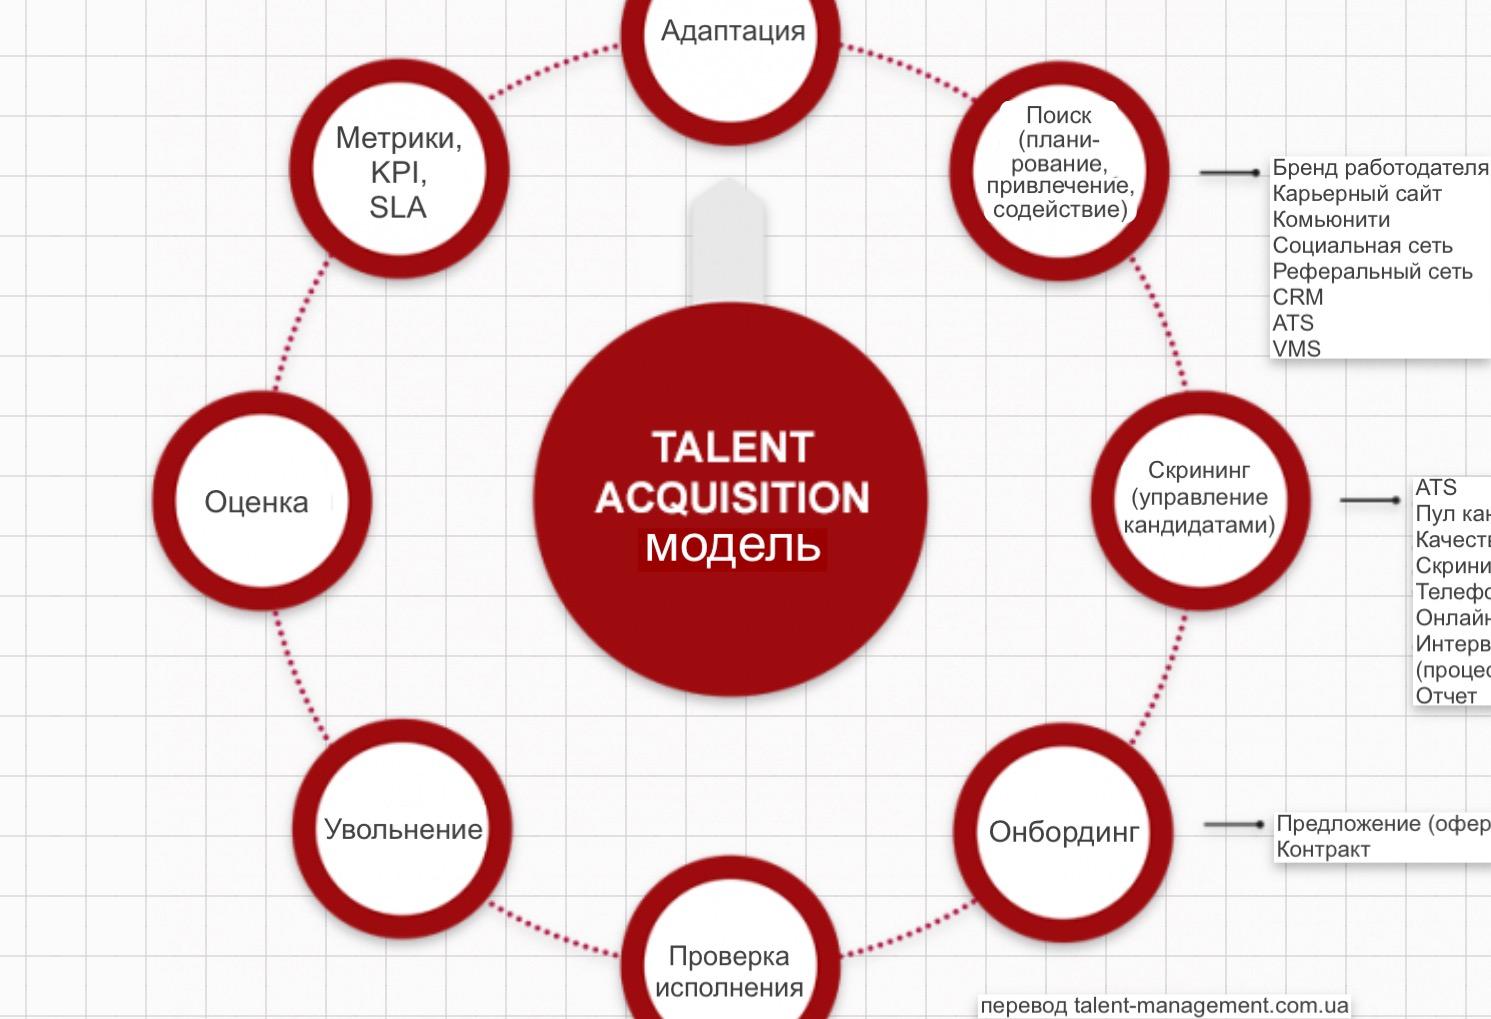 Модель привлечения талантов